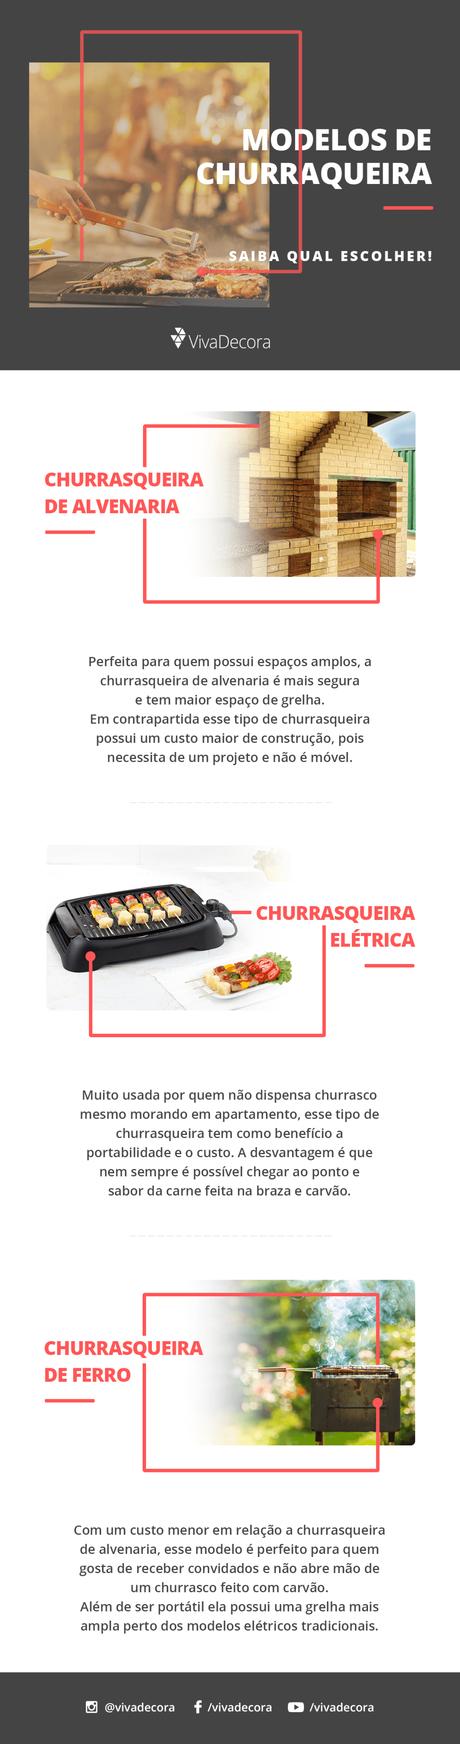 Infográfico – Modelos de Churrasqueira